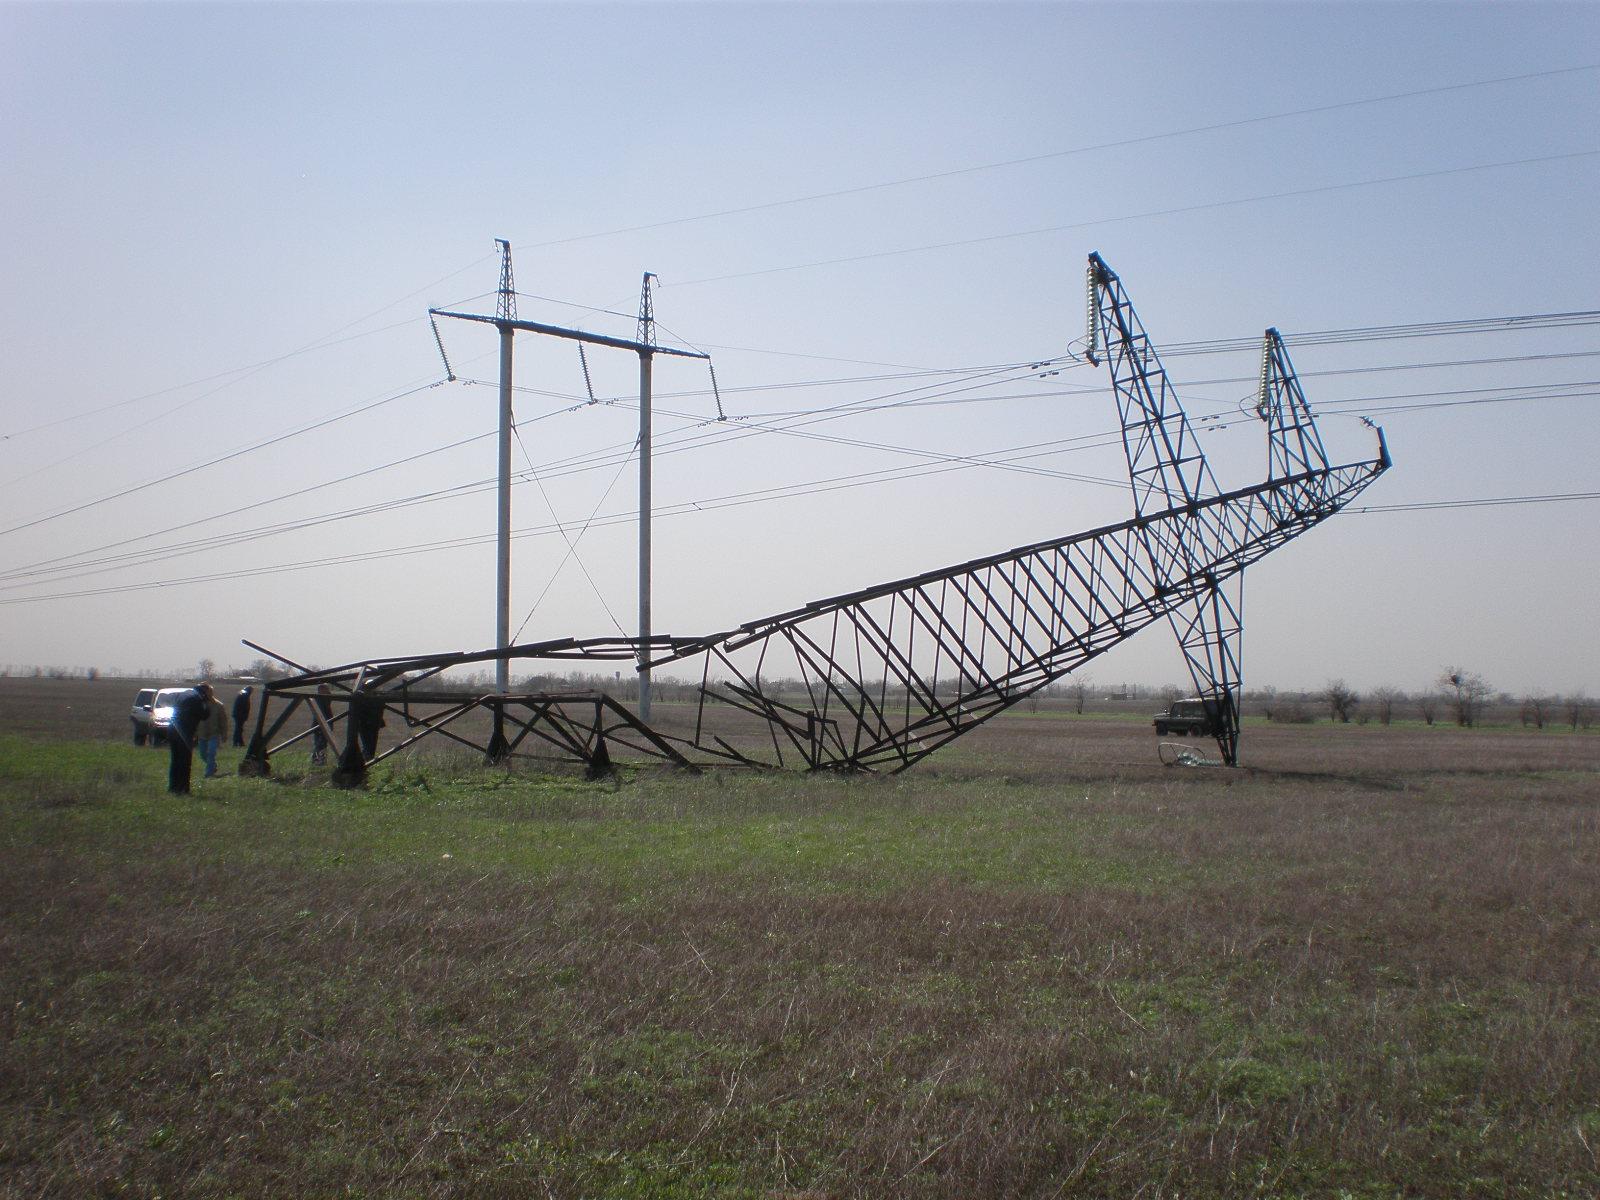 Для введения энергетической блокады Крыма требуется решение Кабмина, - Минэнерго - Цензор.НЕТ 4685